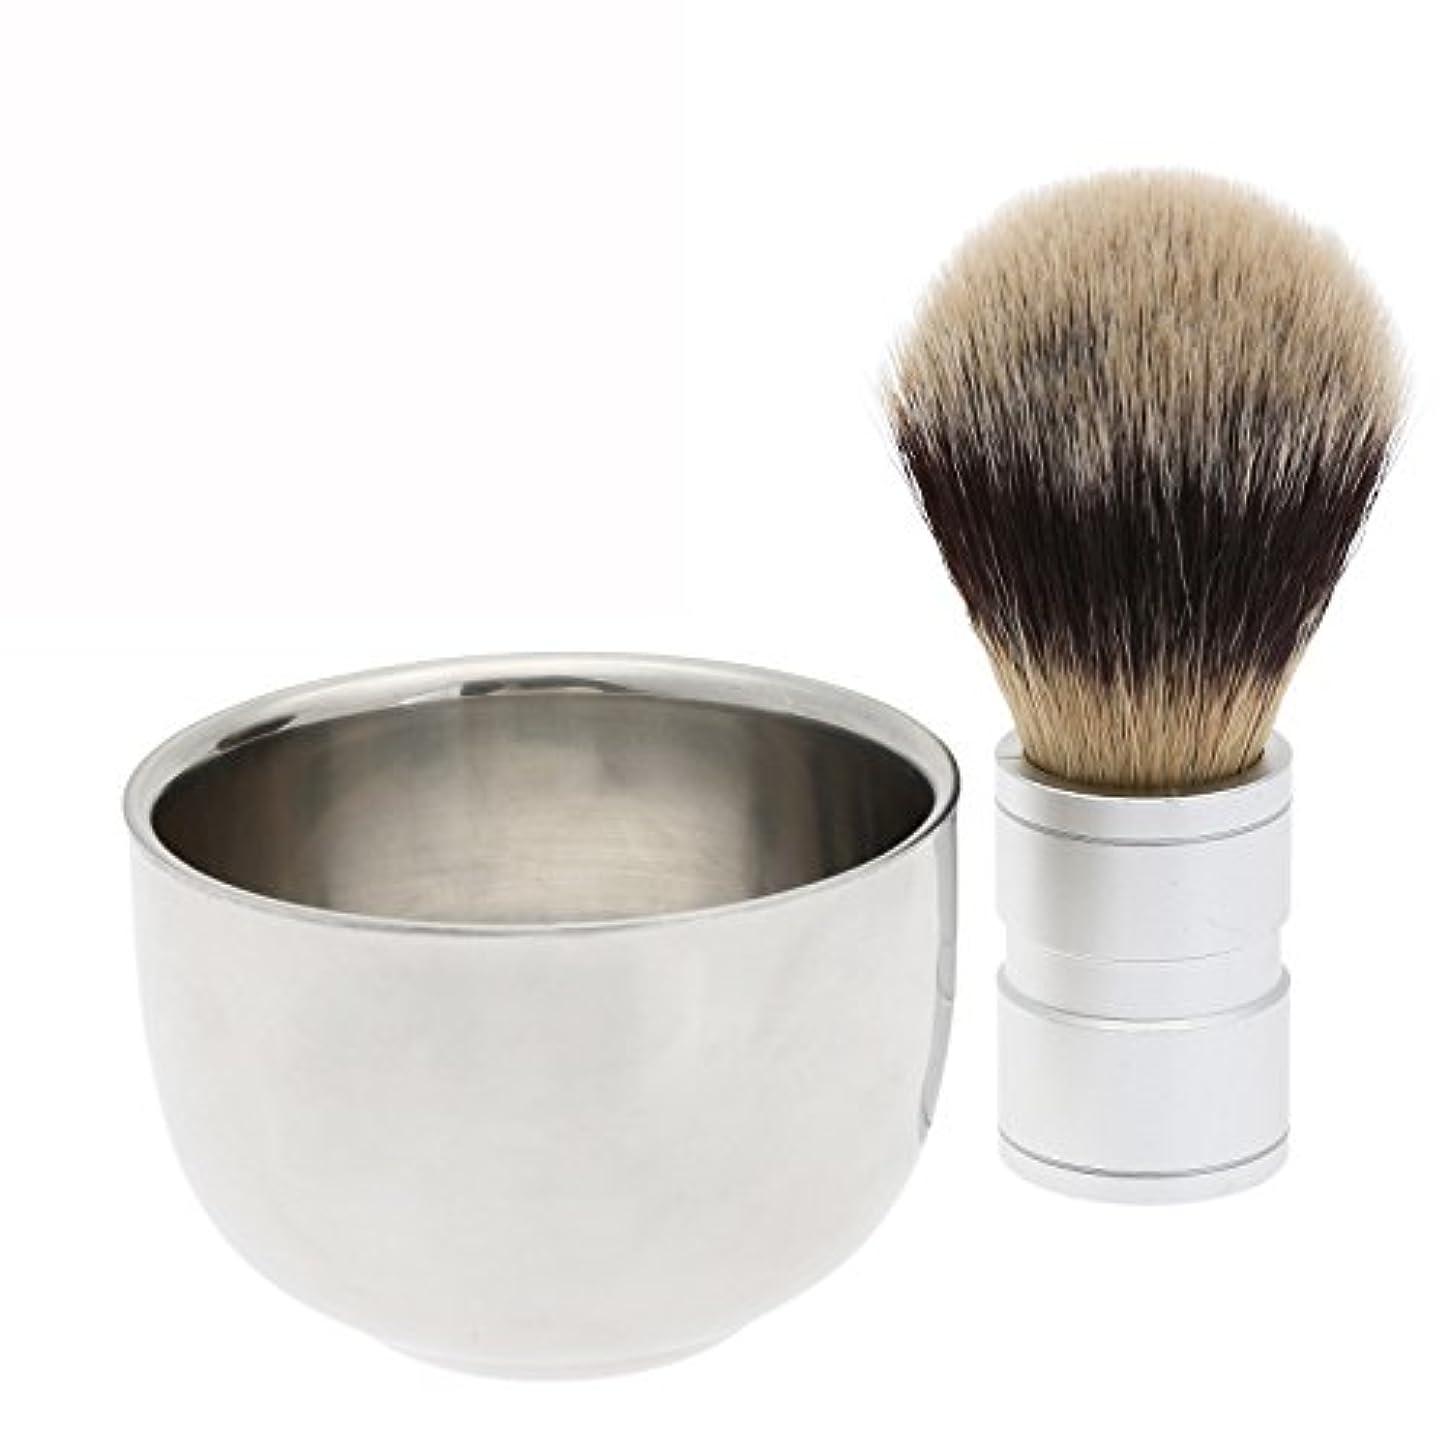 用心深い疎外黙認する2PC/セット メンズシェービング用 シェービングブラシ +ステンレス鋼のボウルマグカップ ギフト 理容 洗顔 髭剃り